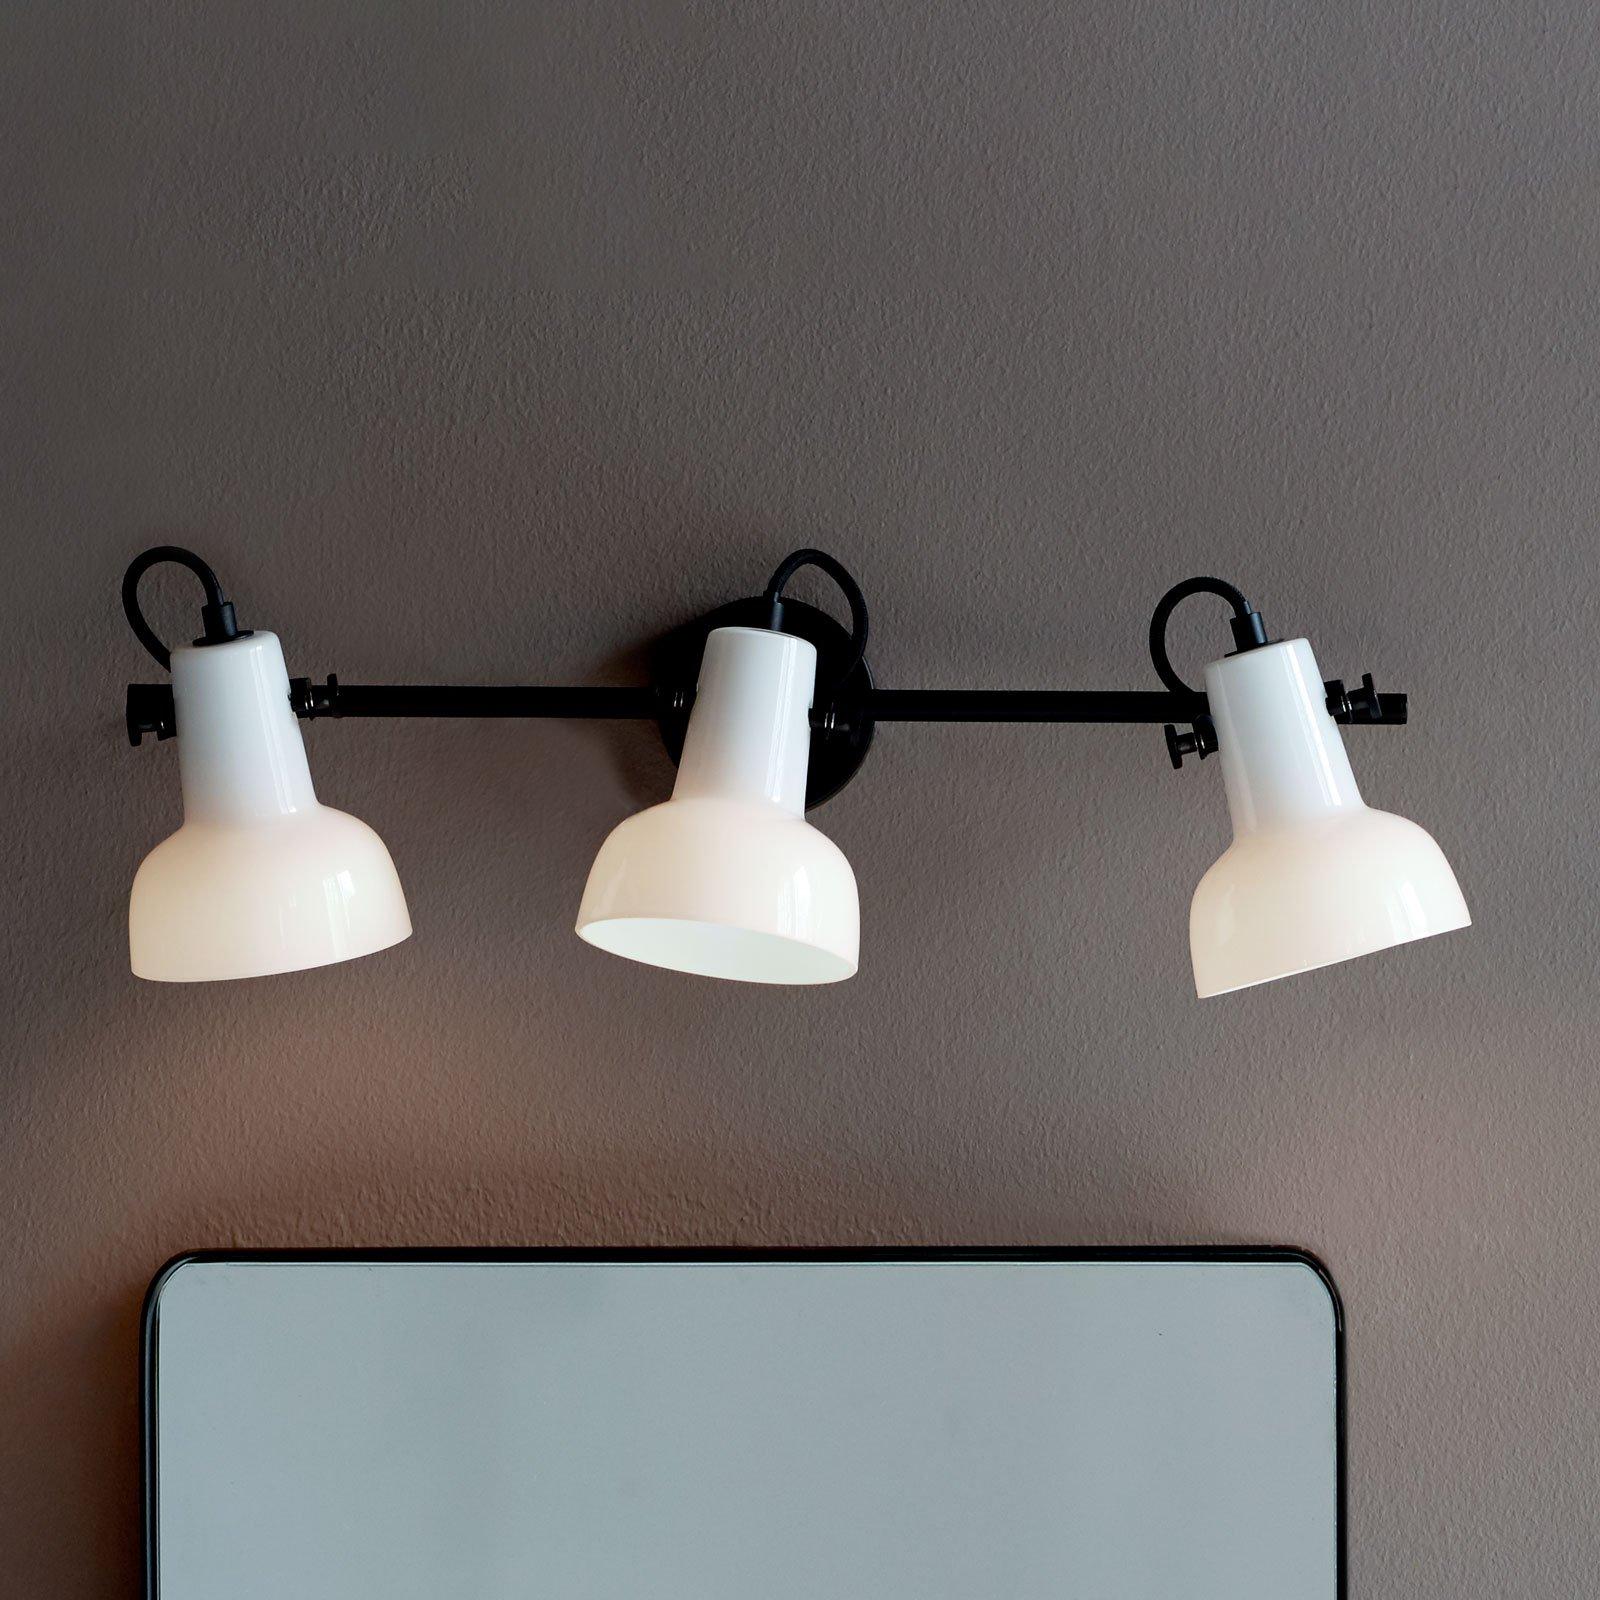 Parson veggspot i svart-hvitt, 3 lyskilder